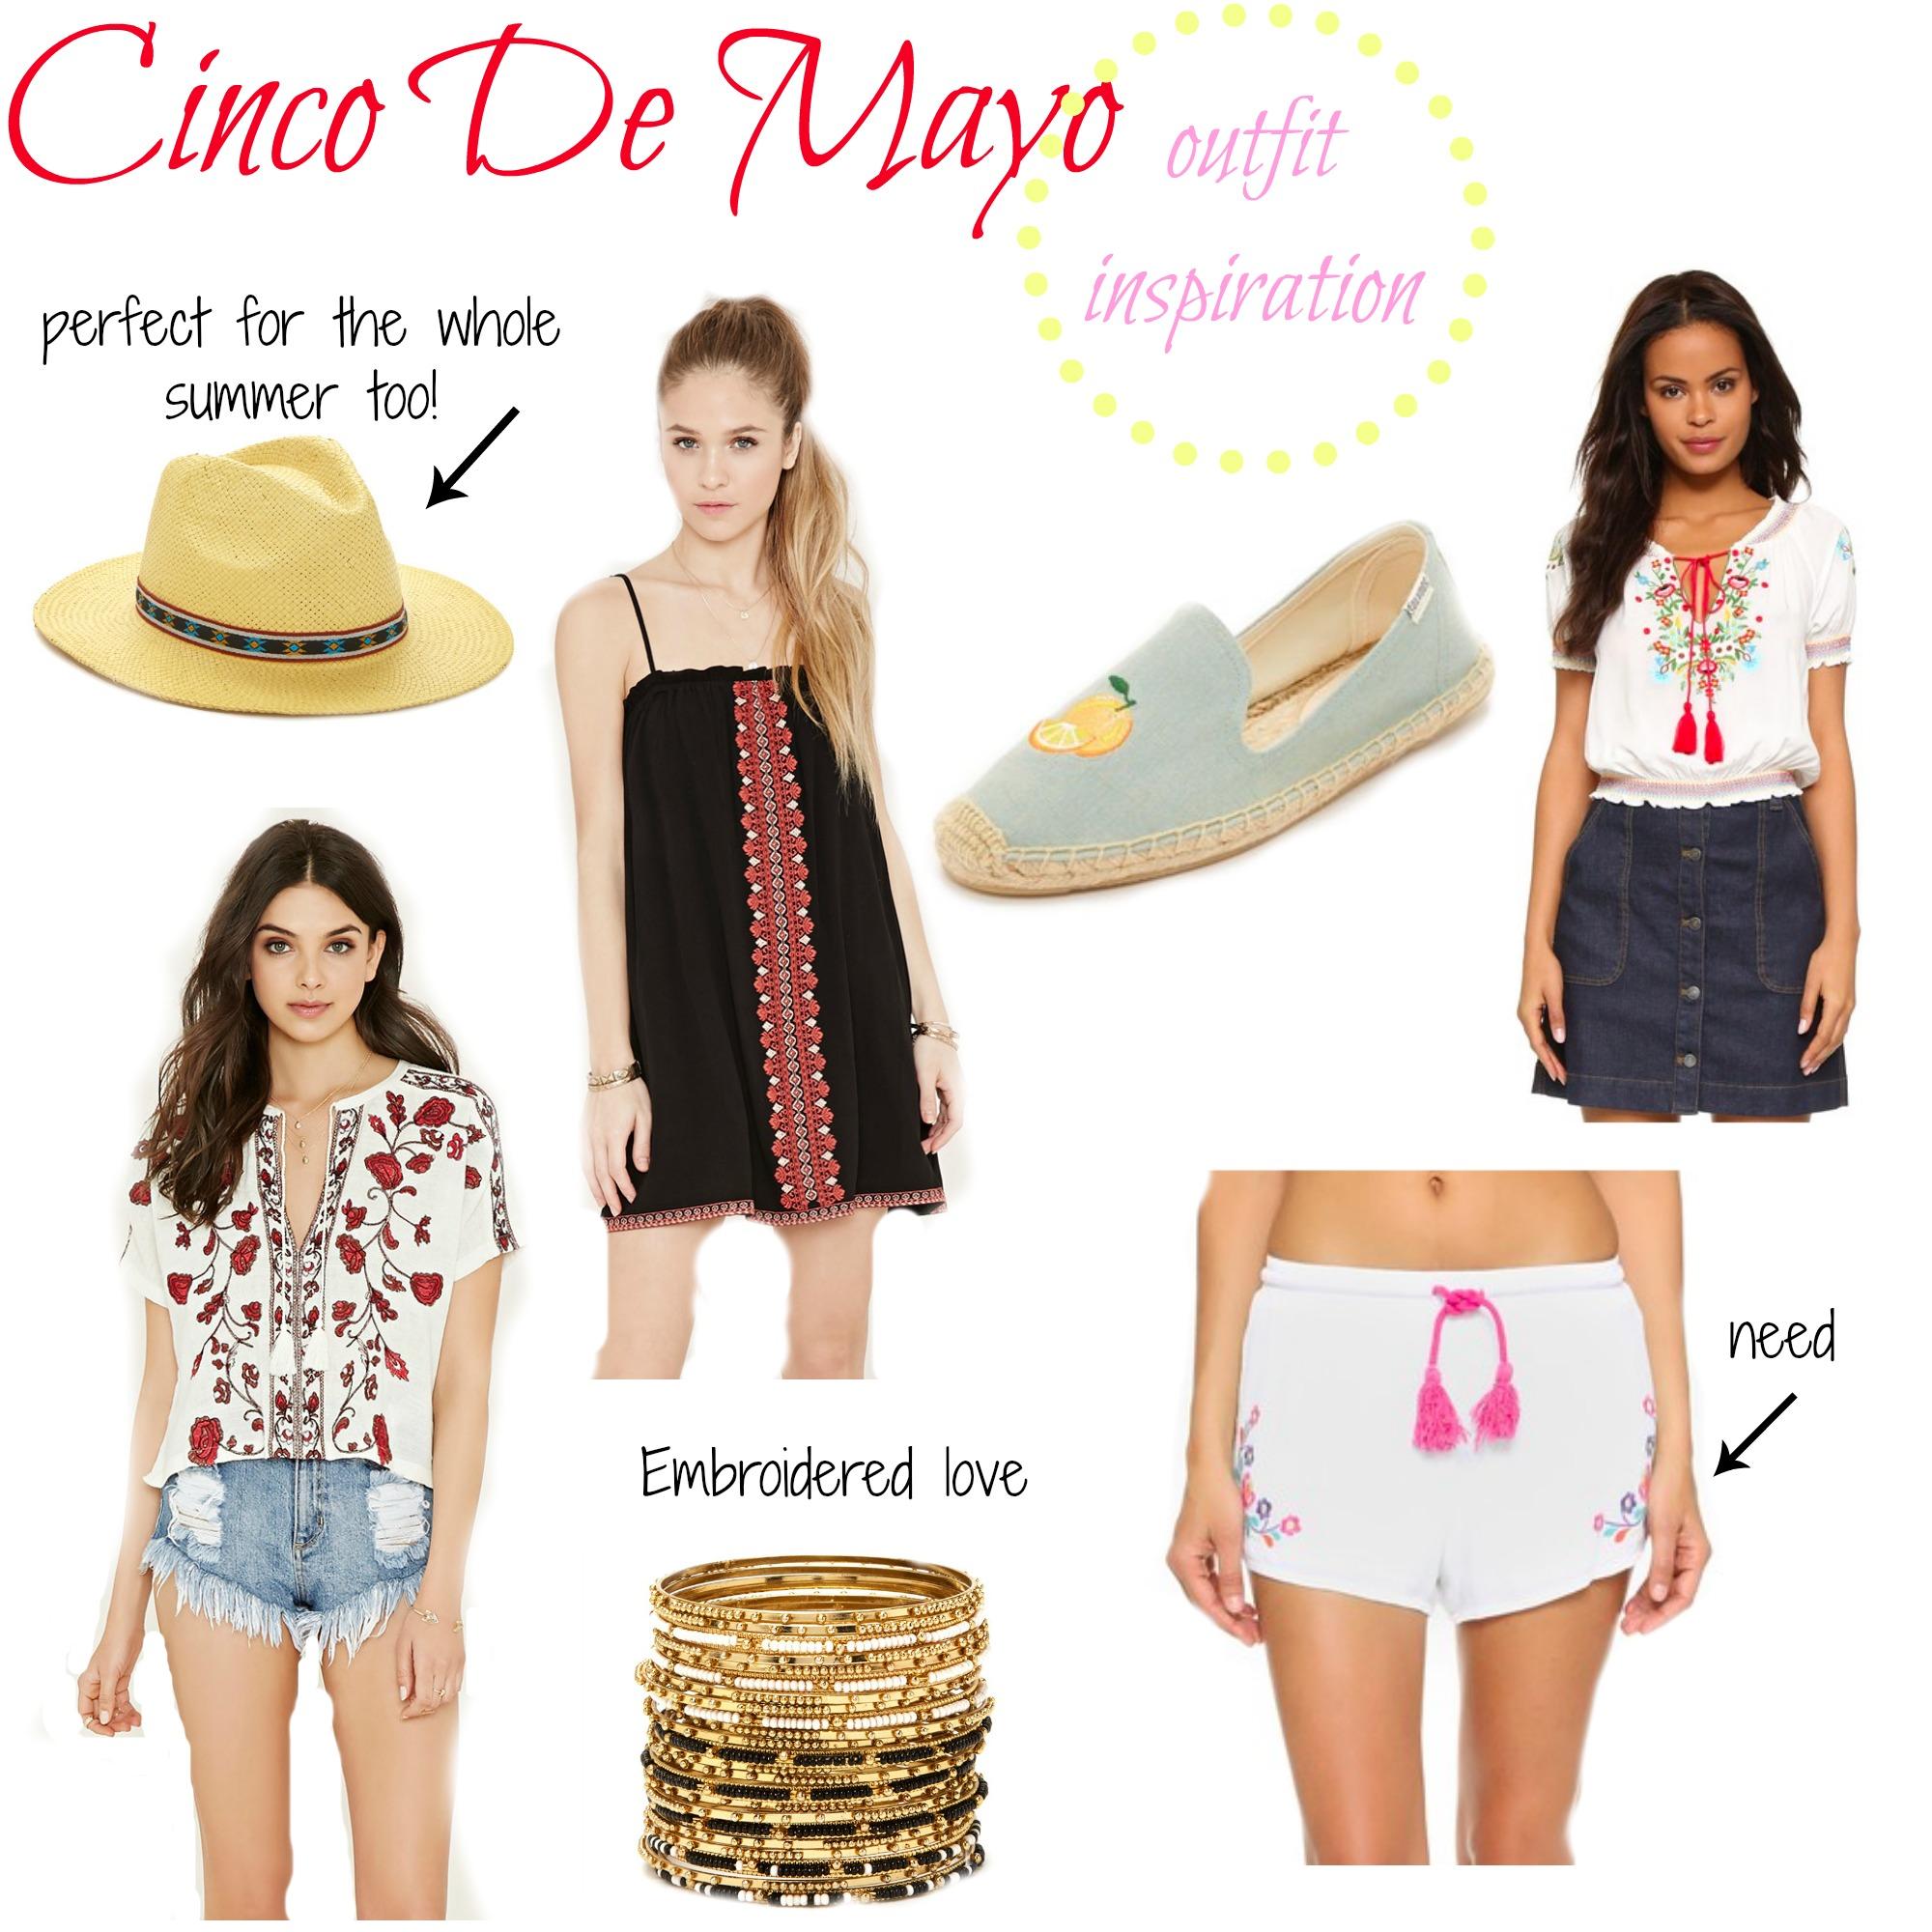 cinco de mayo outfit inspiration